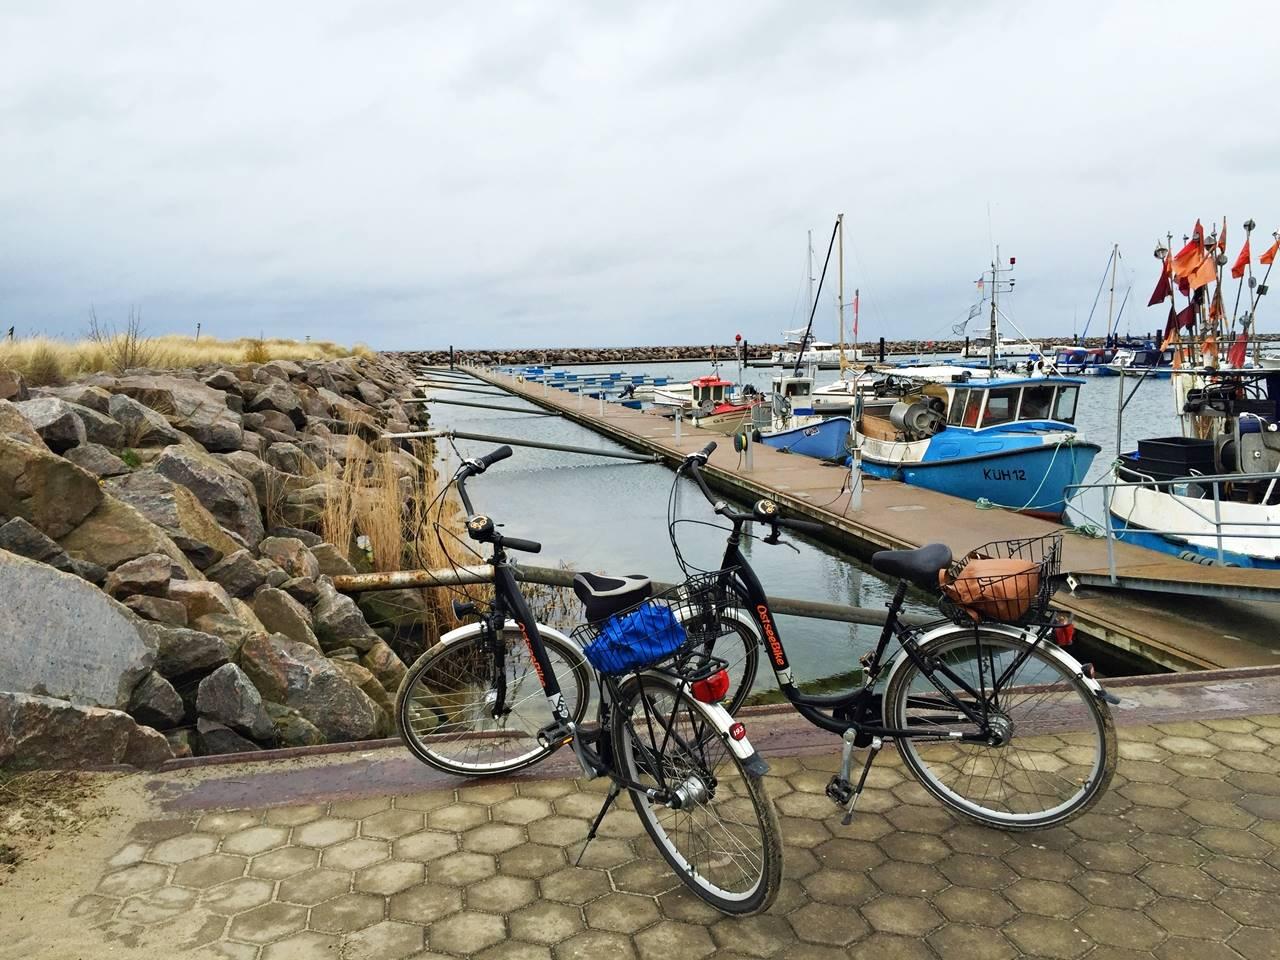 Kuhlungsborn havn